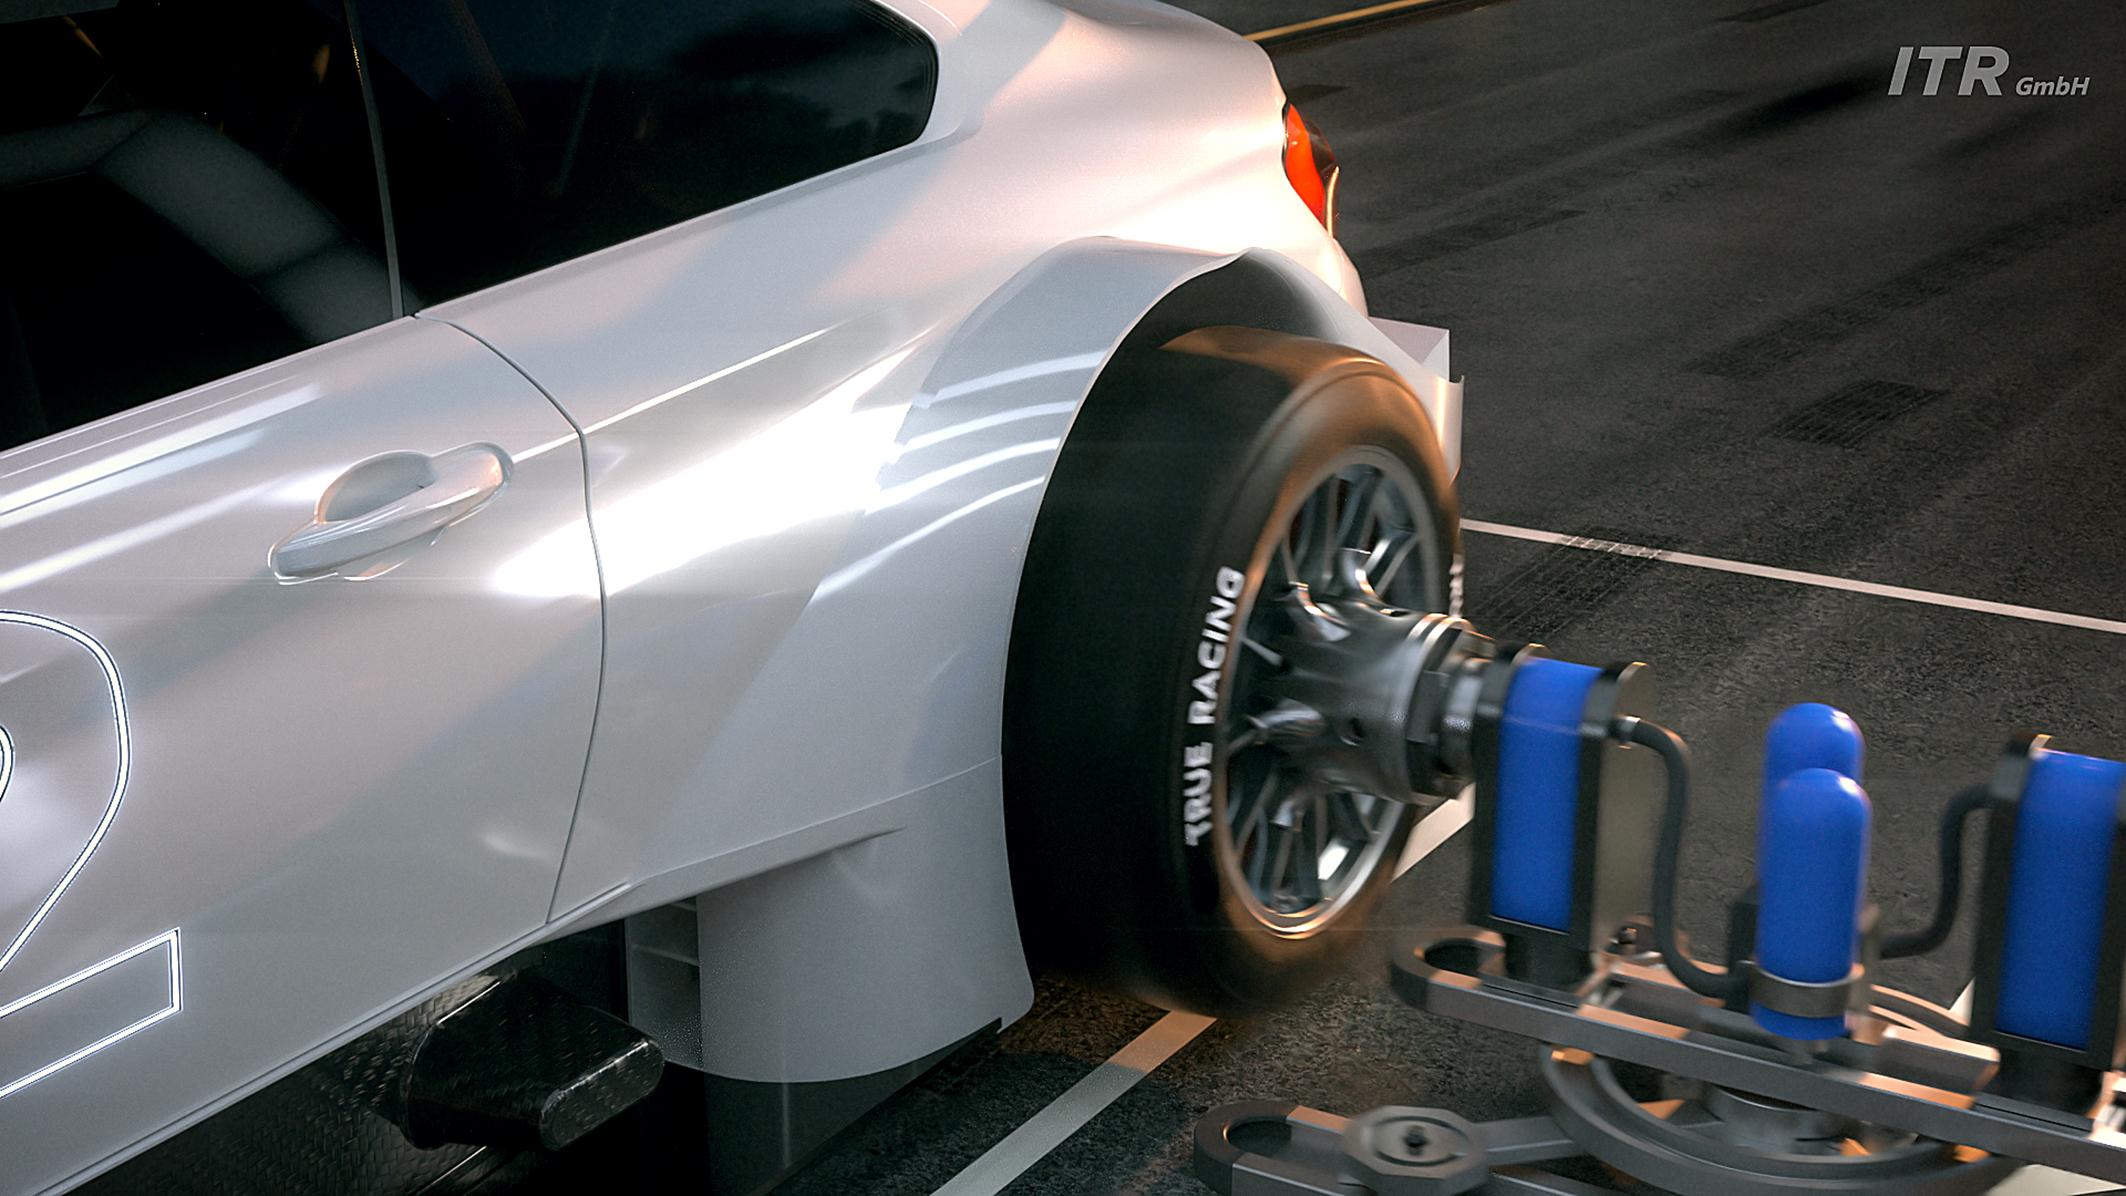 autoamtisierter Reifenwechsel in der DTM